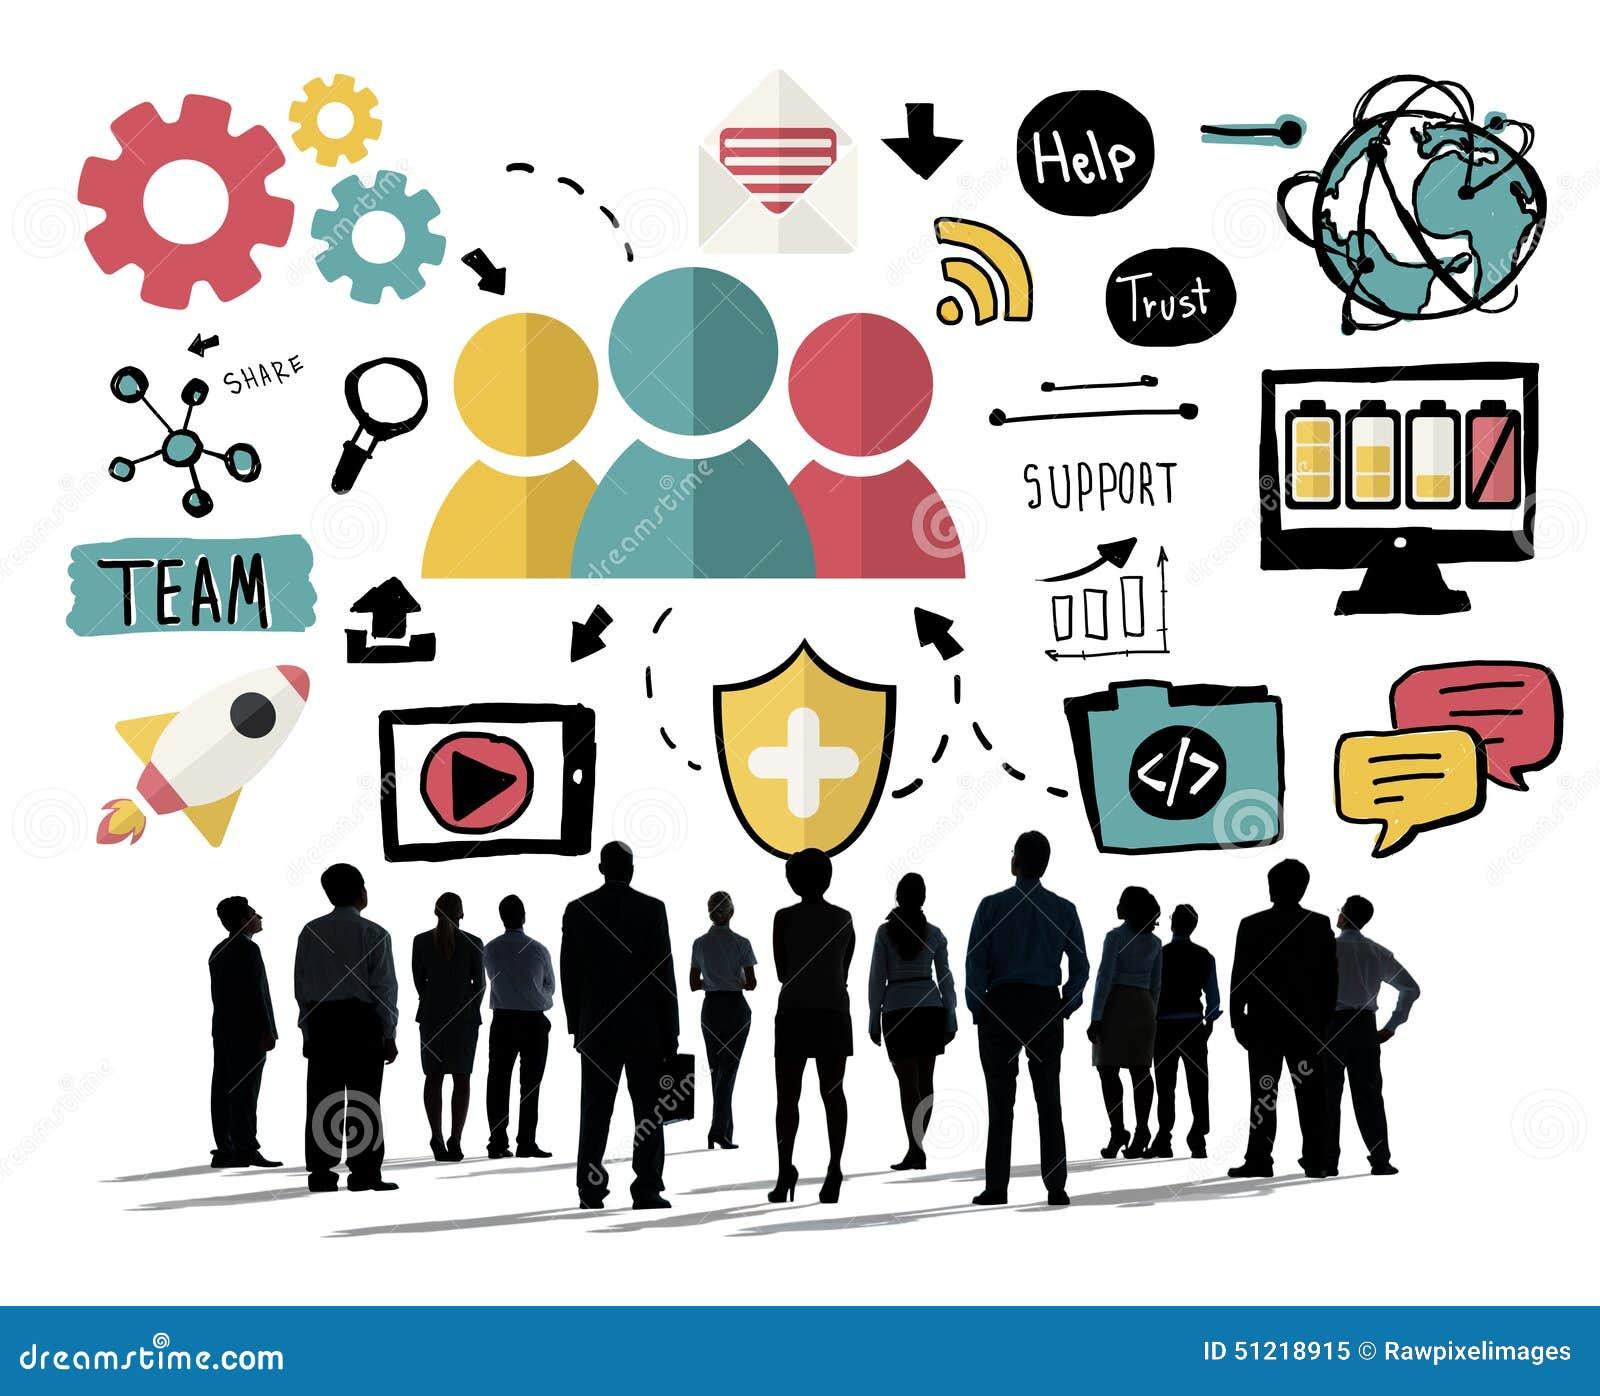 Begrepp för Team Share Support Trust Help teamworksamhörighetskänsla